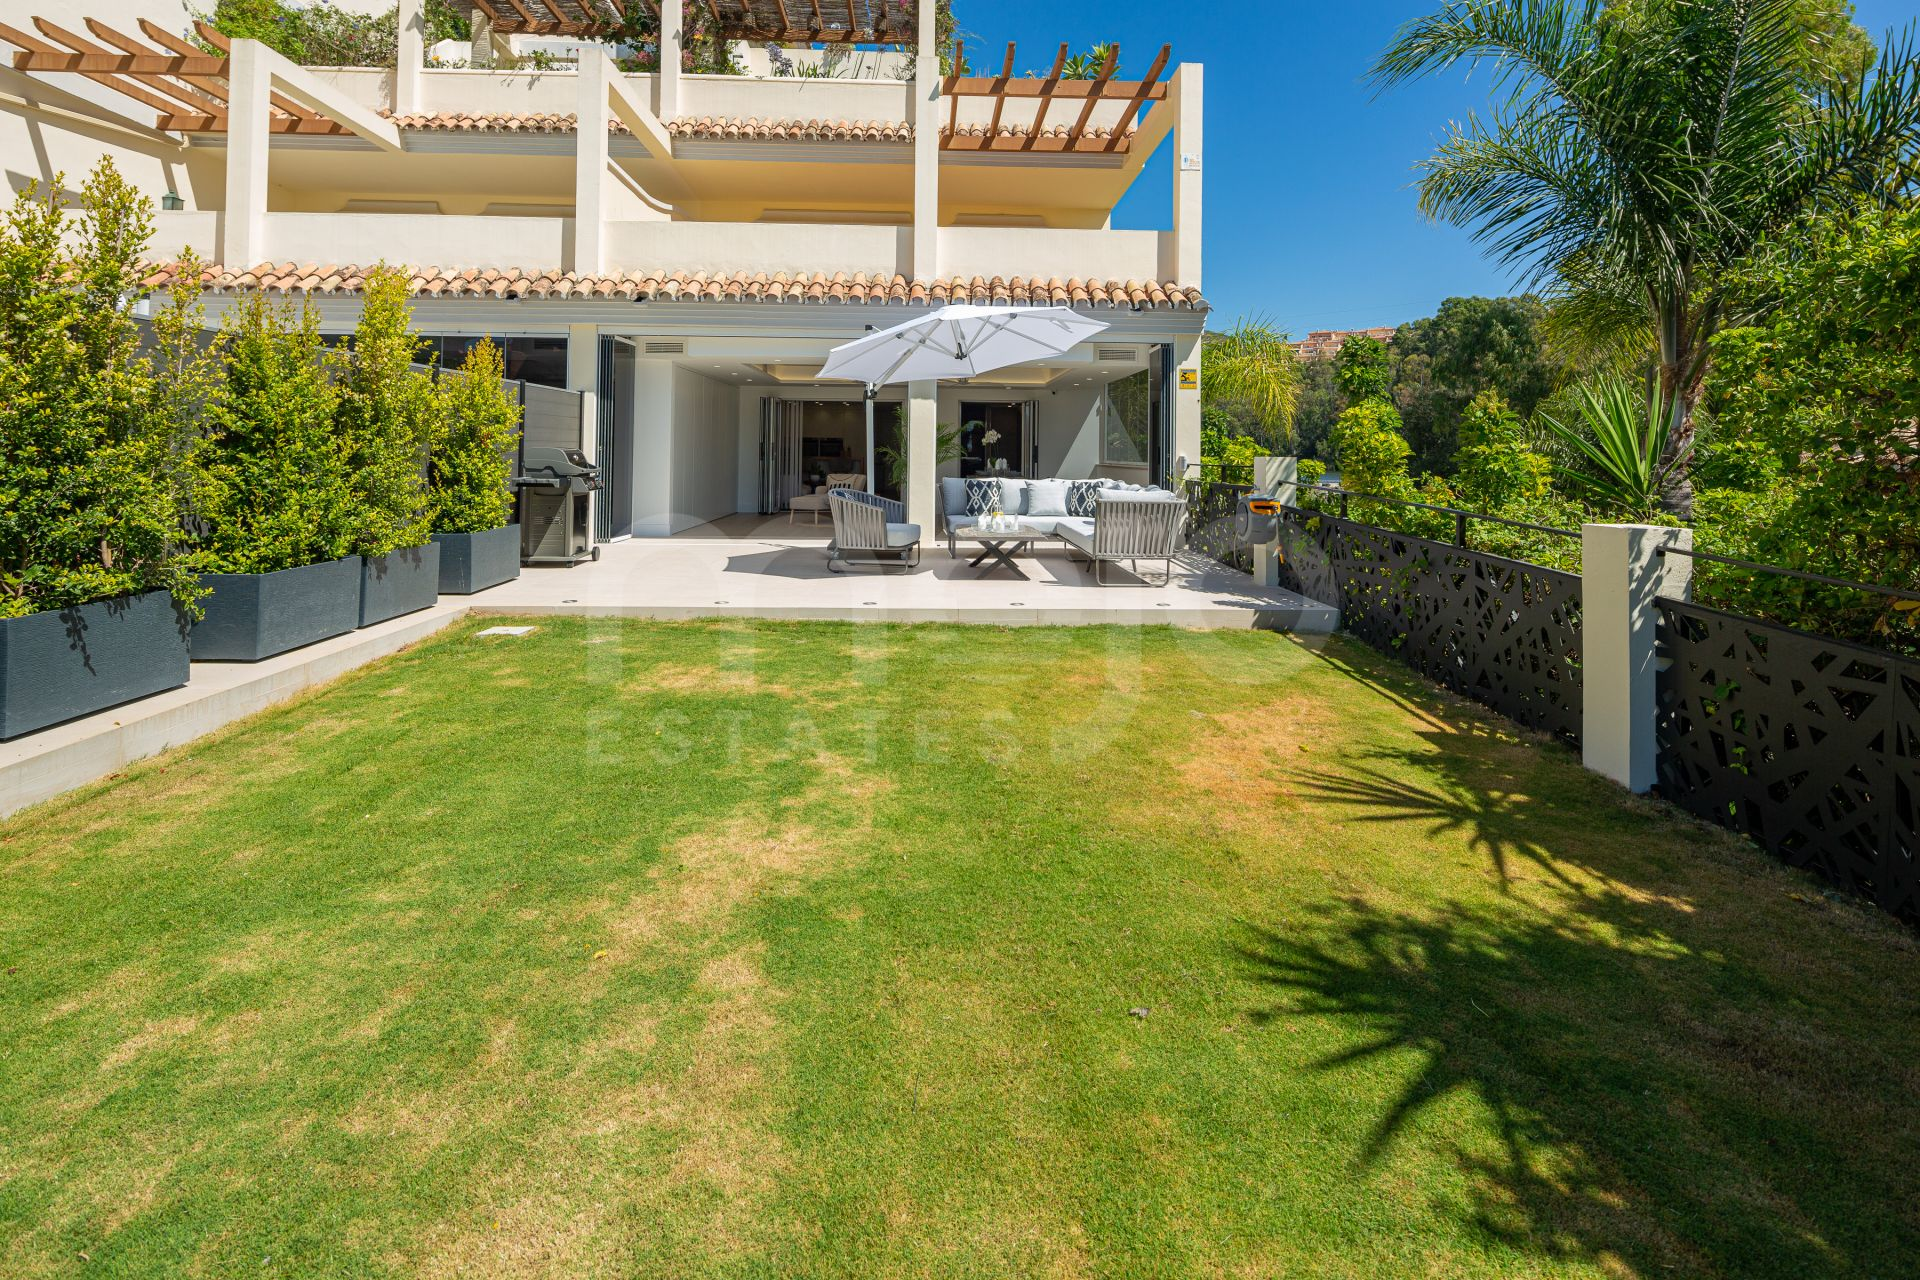 Appartement begane grond te koop in Nueva Andalucia, Marbella